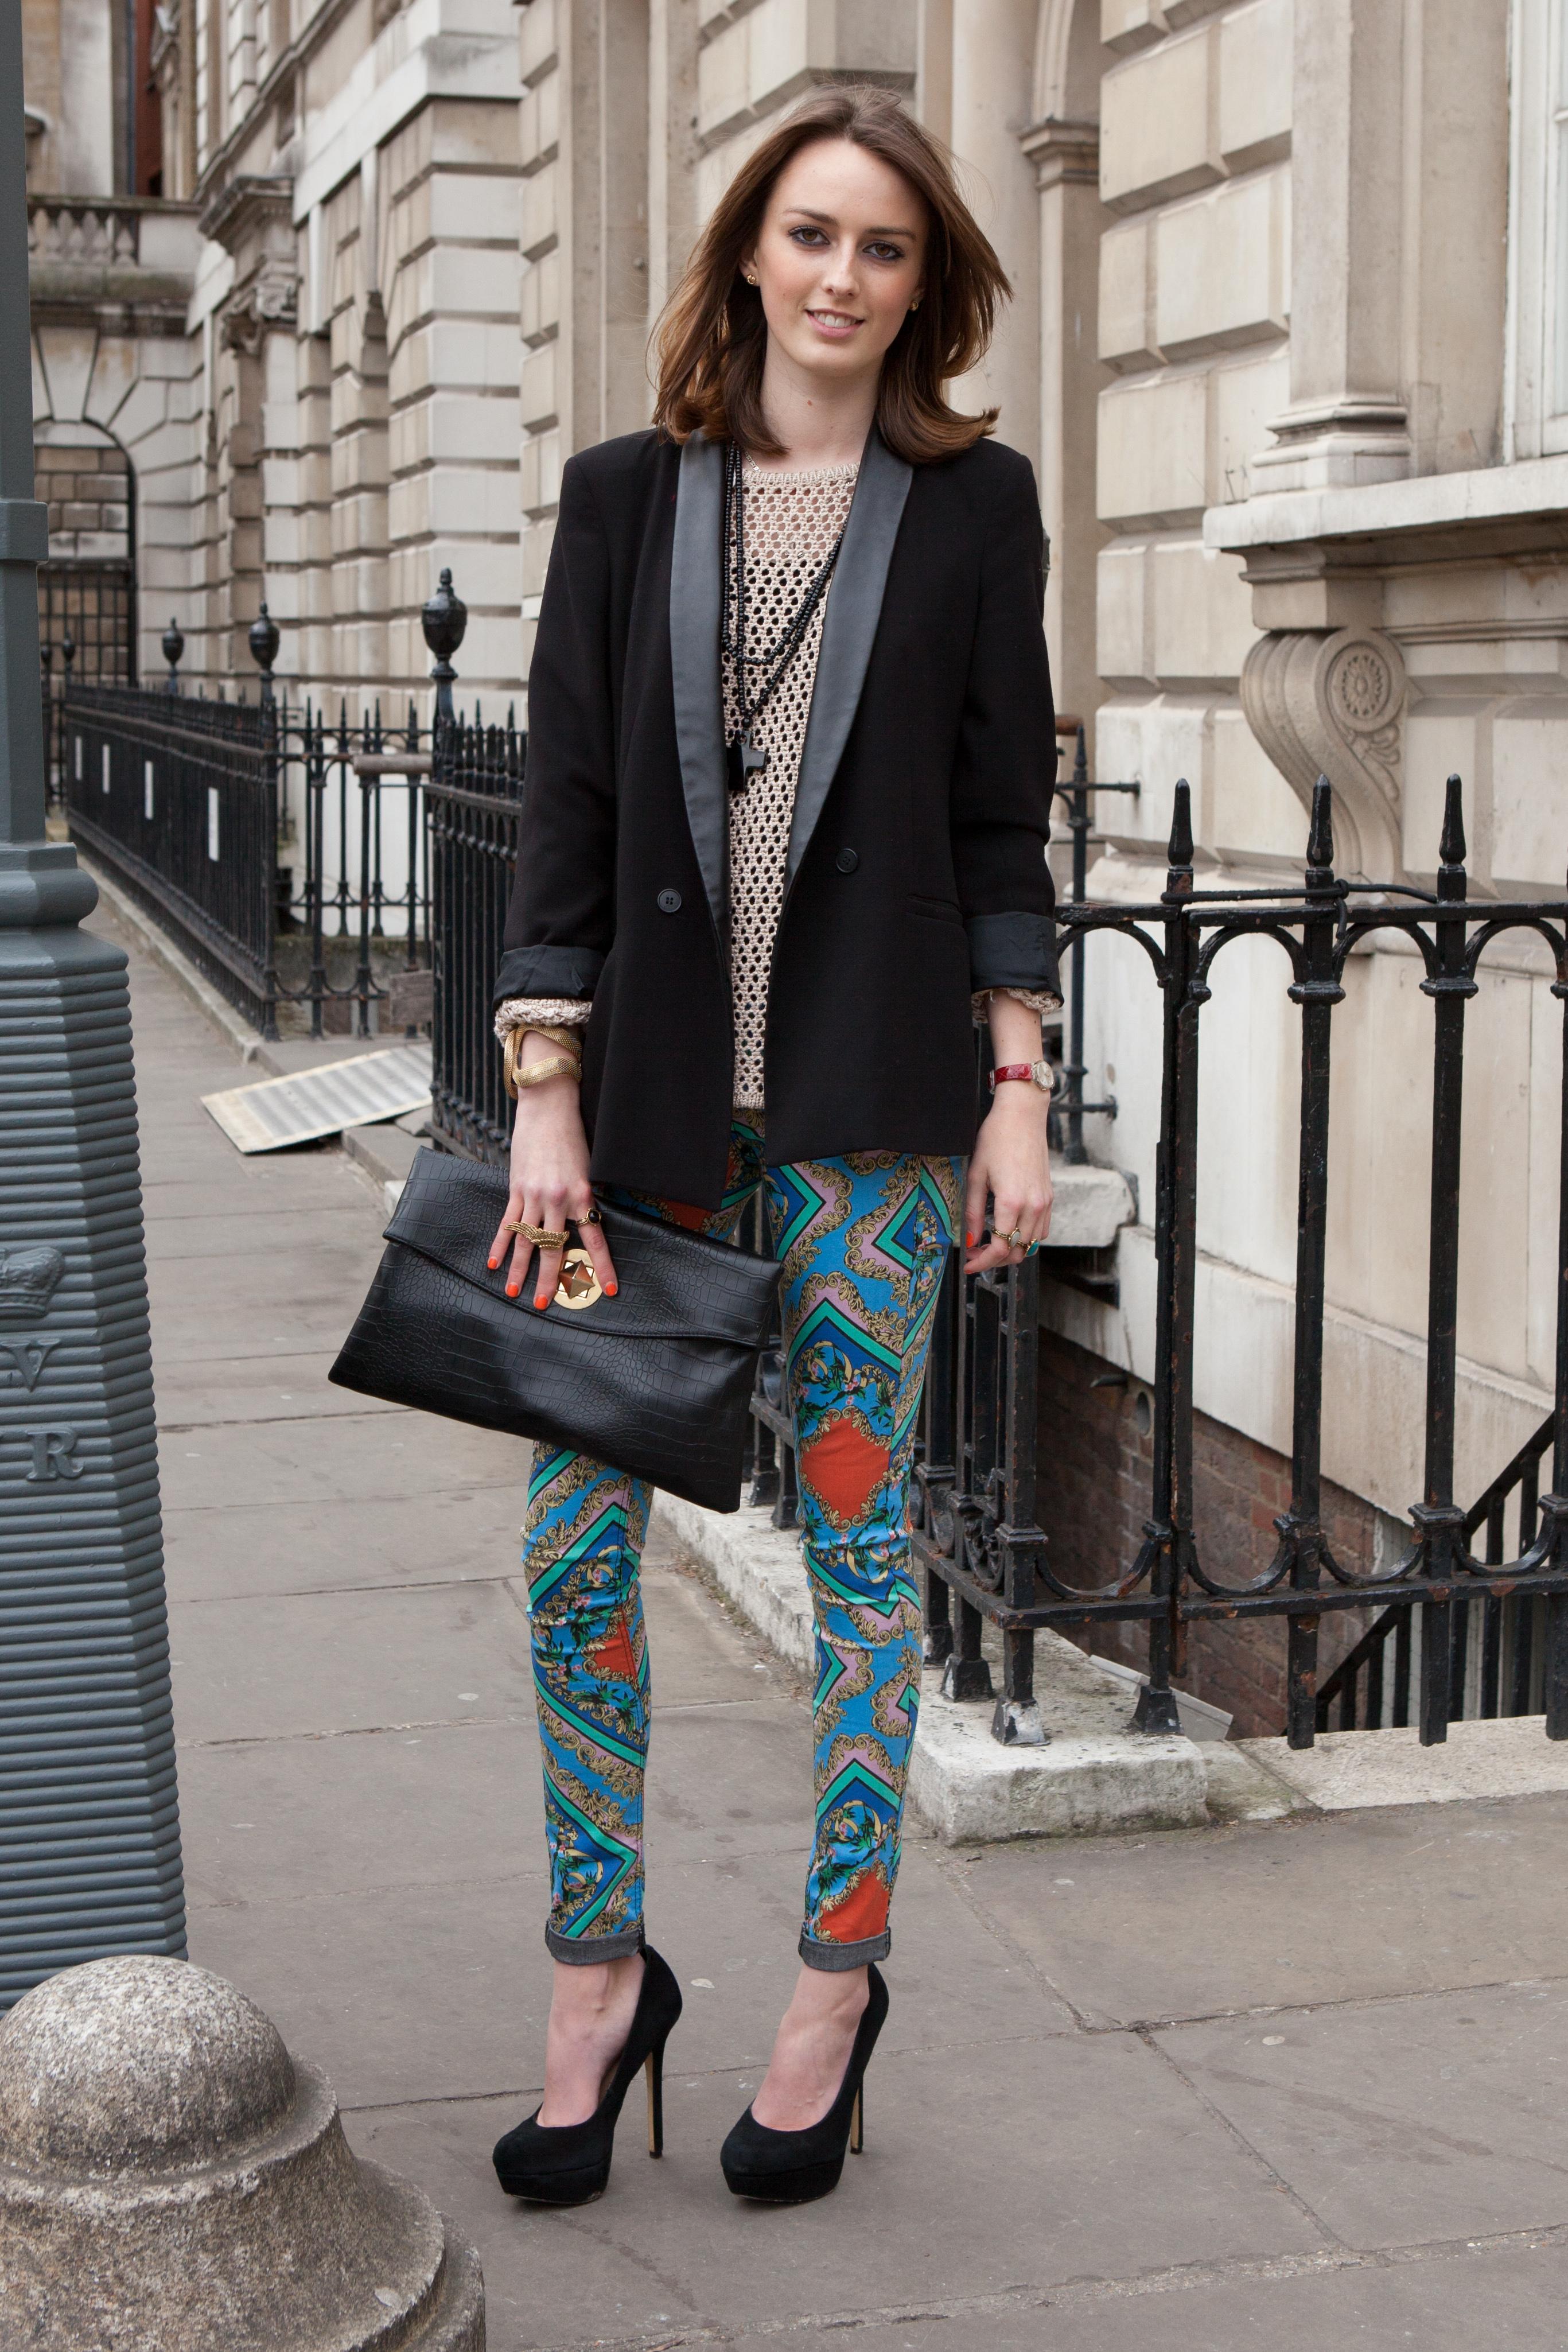 Цветные модные джинсы 2017 с геометрическим узором и черным пиджаком